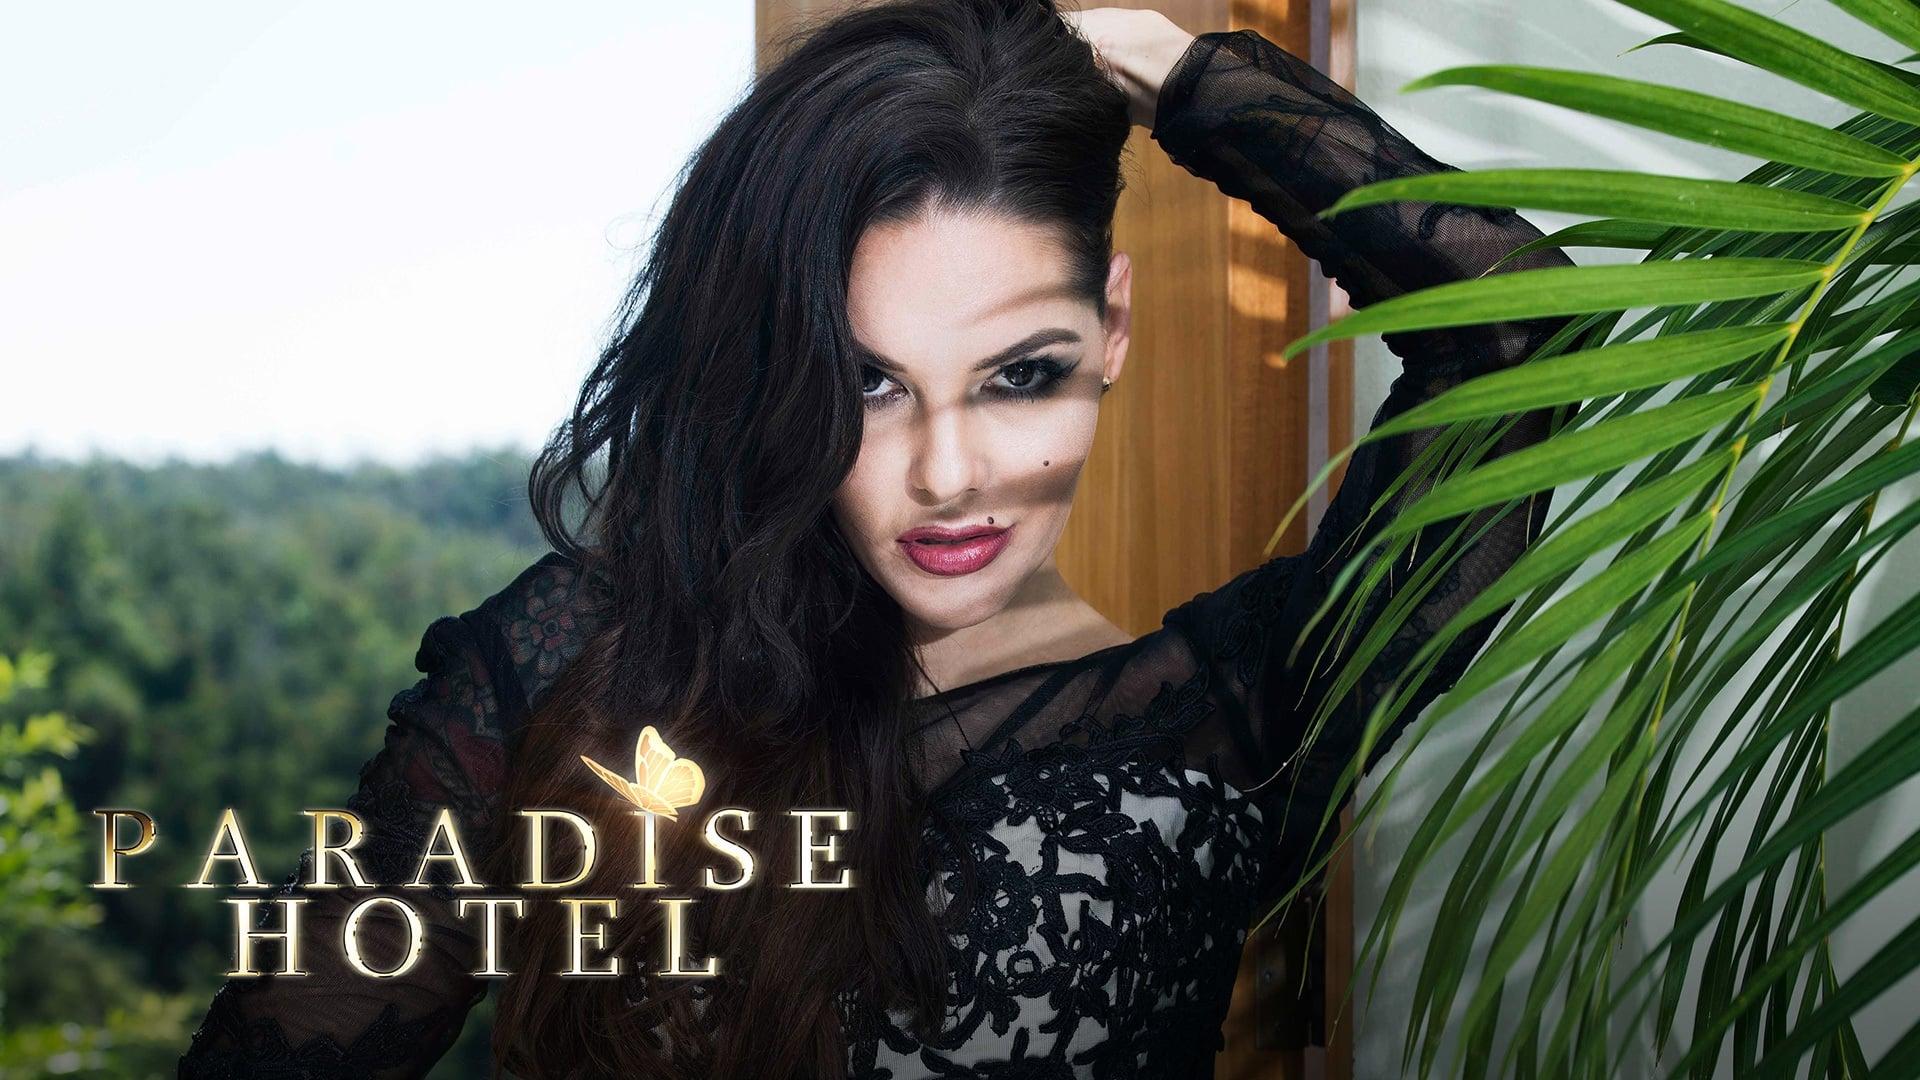 paradise hotel 2009